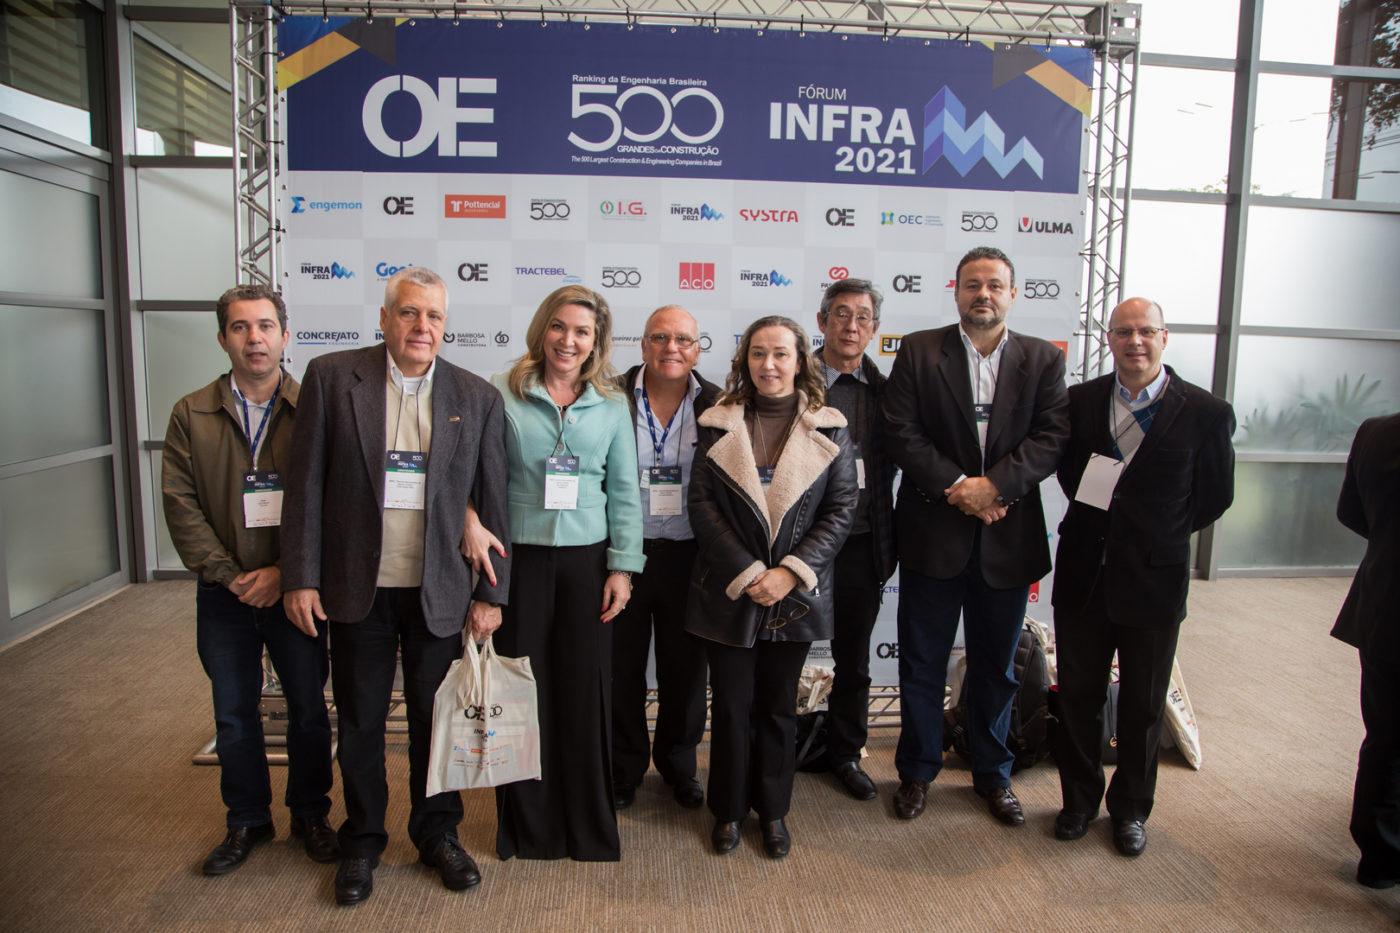 FÓRUM INFRA 2021FORUM 2021 REVISTA OE-169